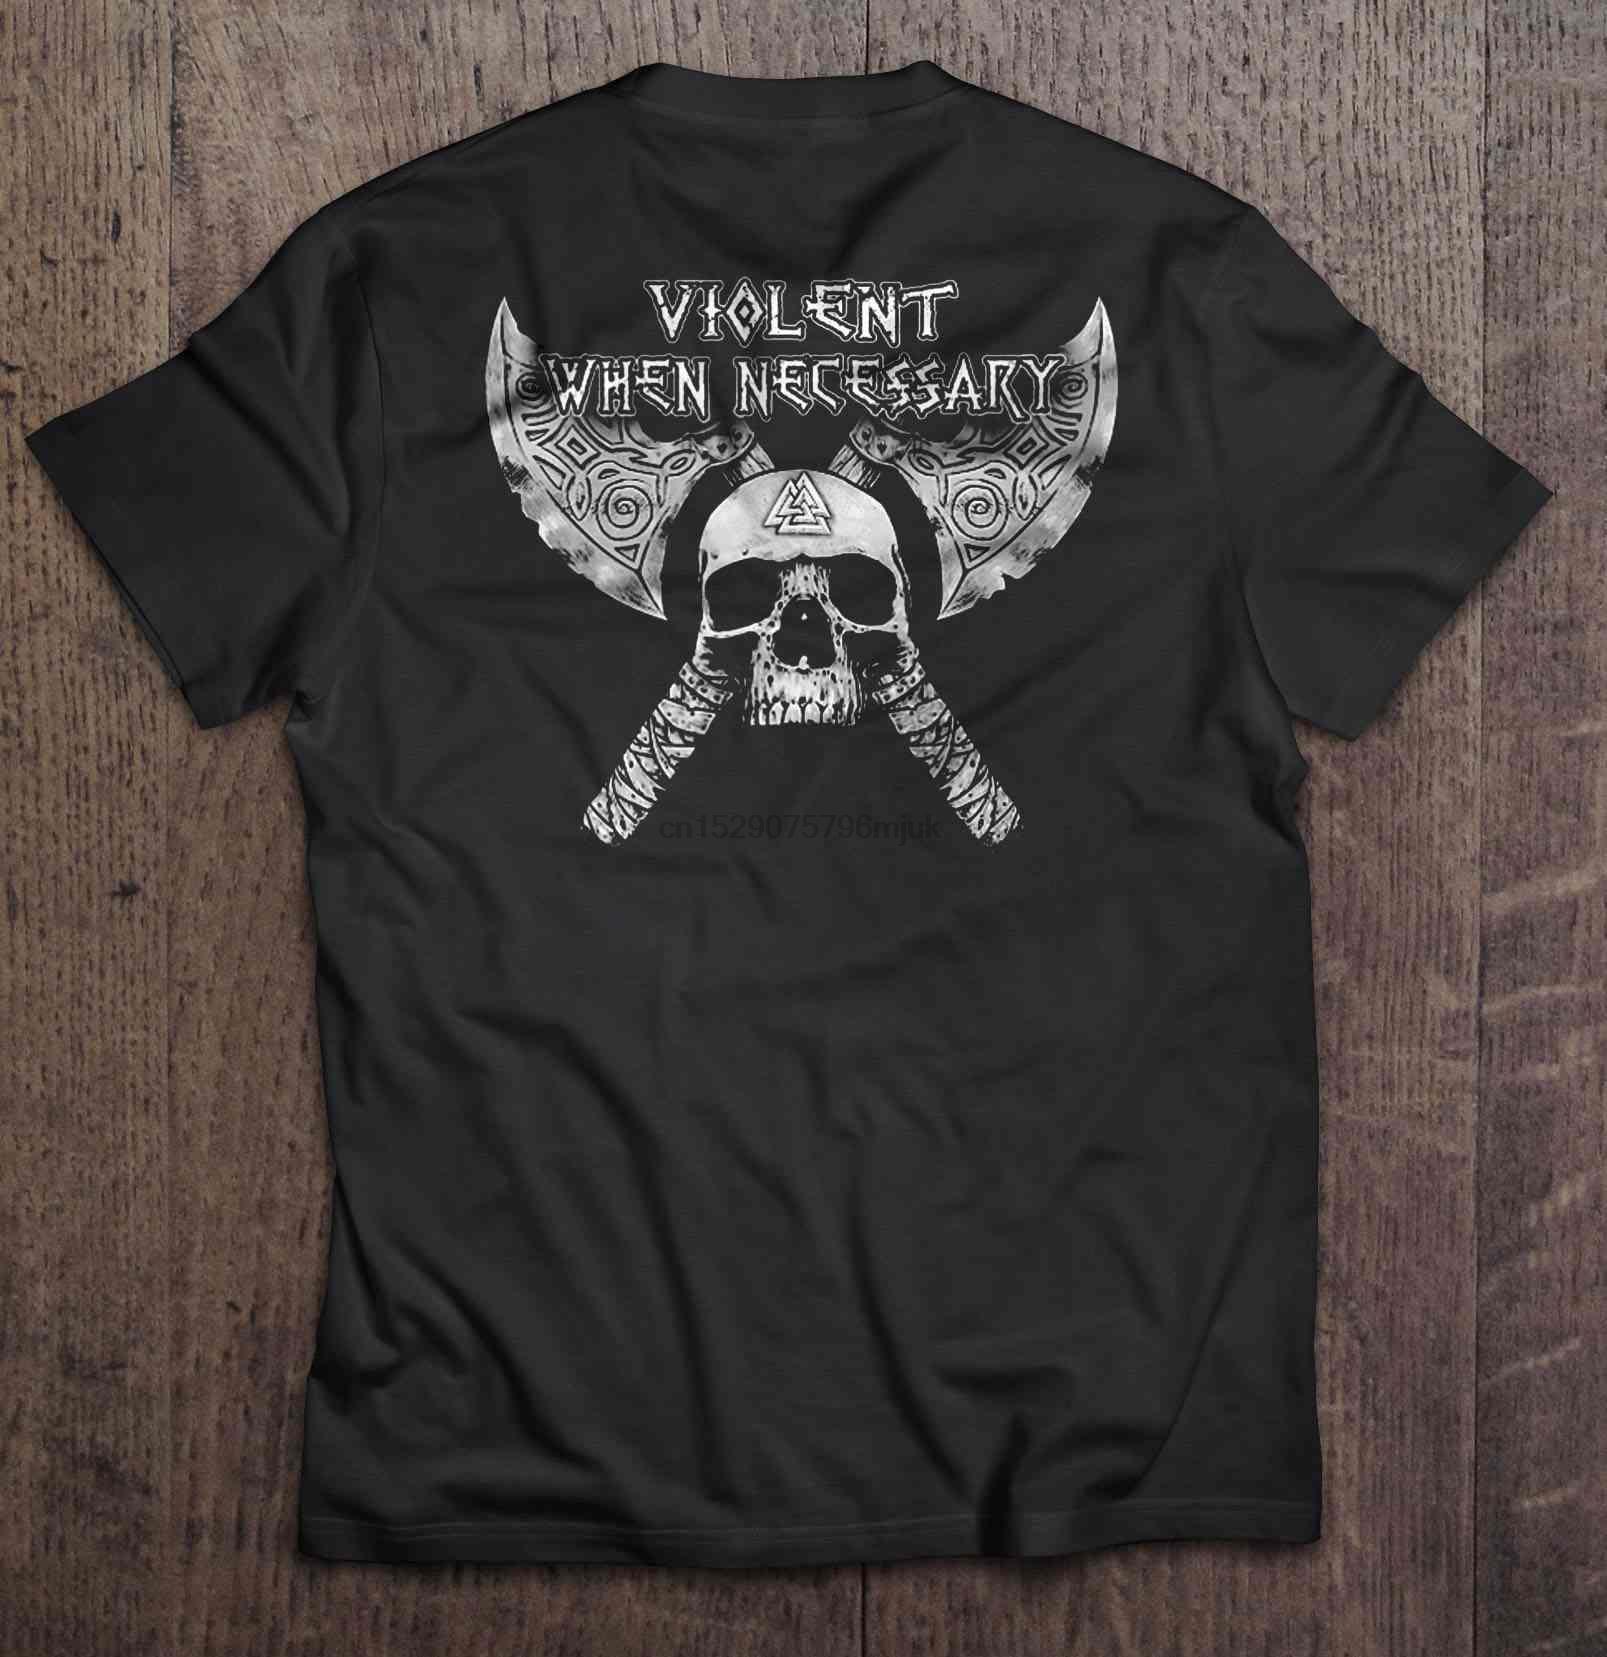 camisa dos homens t -Viking Mulheres t-shirt violento quando necessário